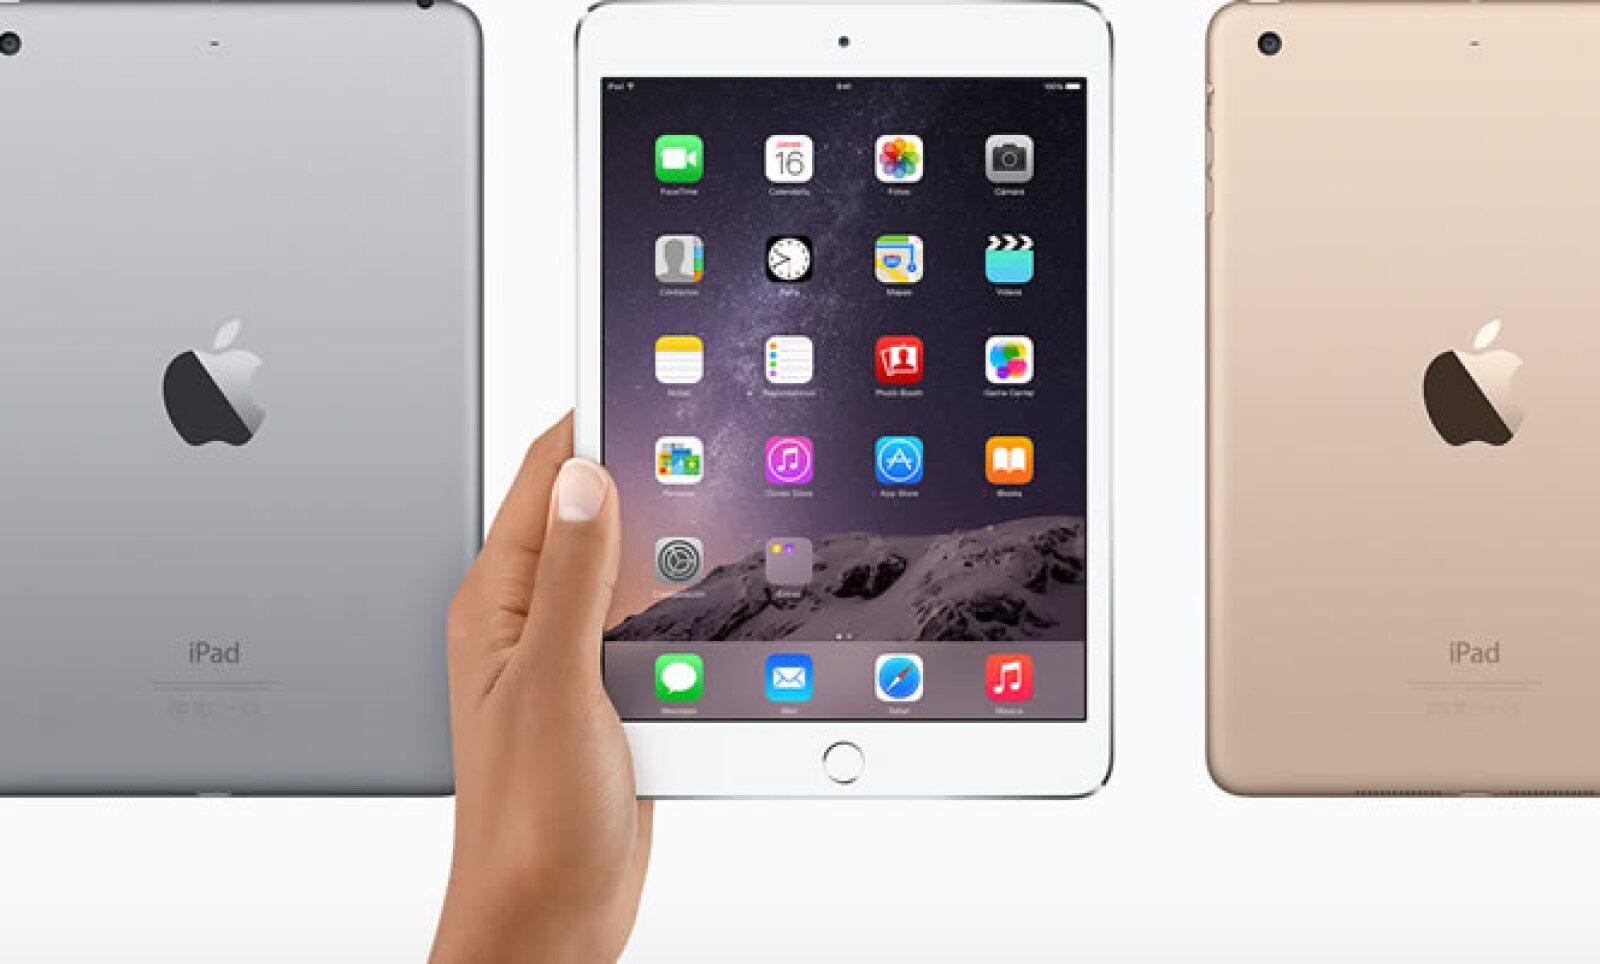 La nueva iPad Mini 3 incluye la tecnología Touch ID, sistema de seguridad que funciona con la huella digital.